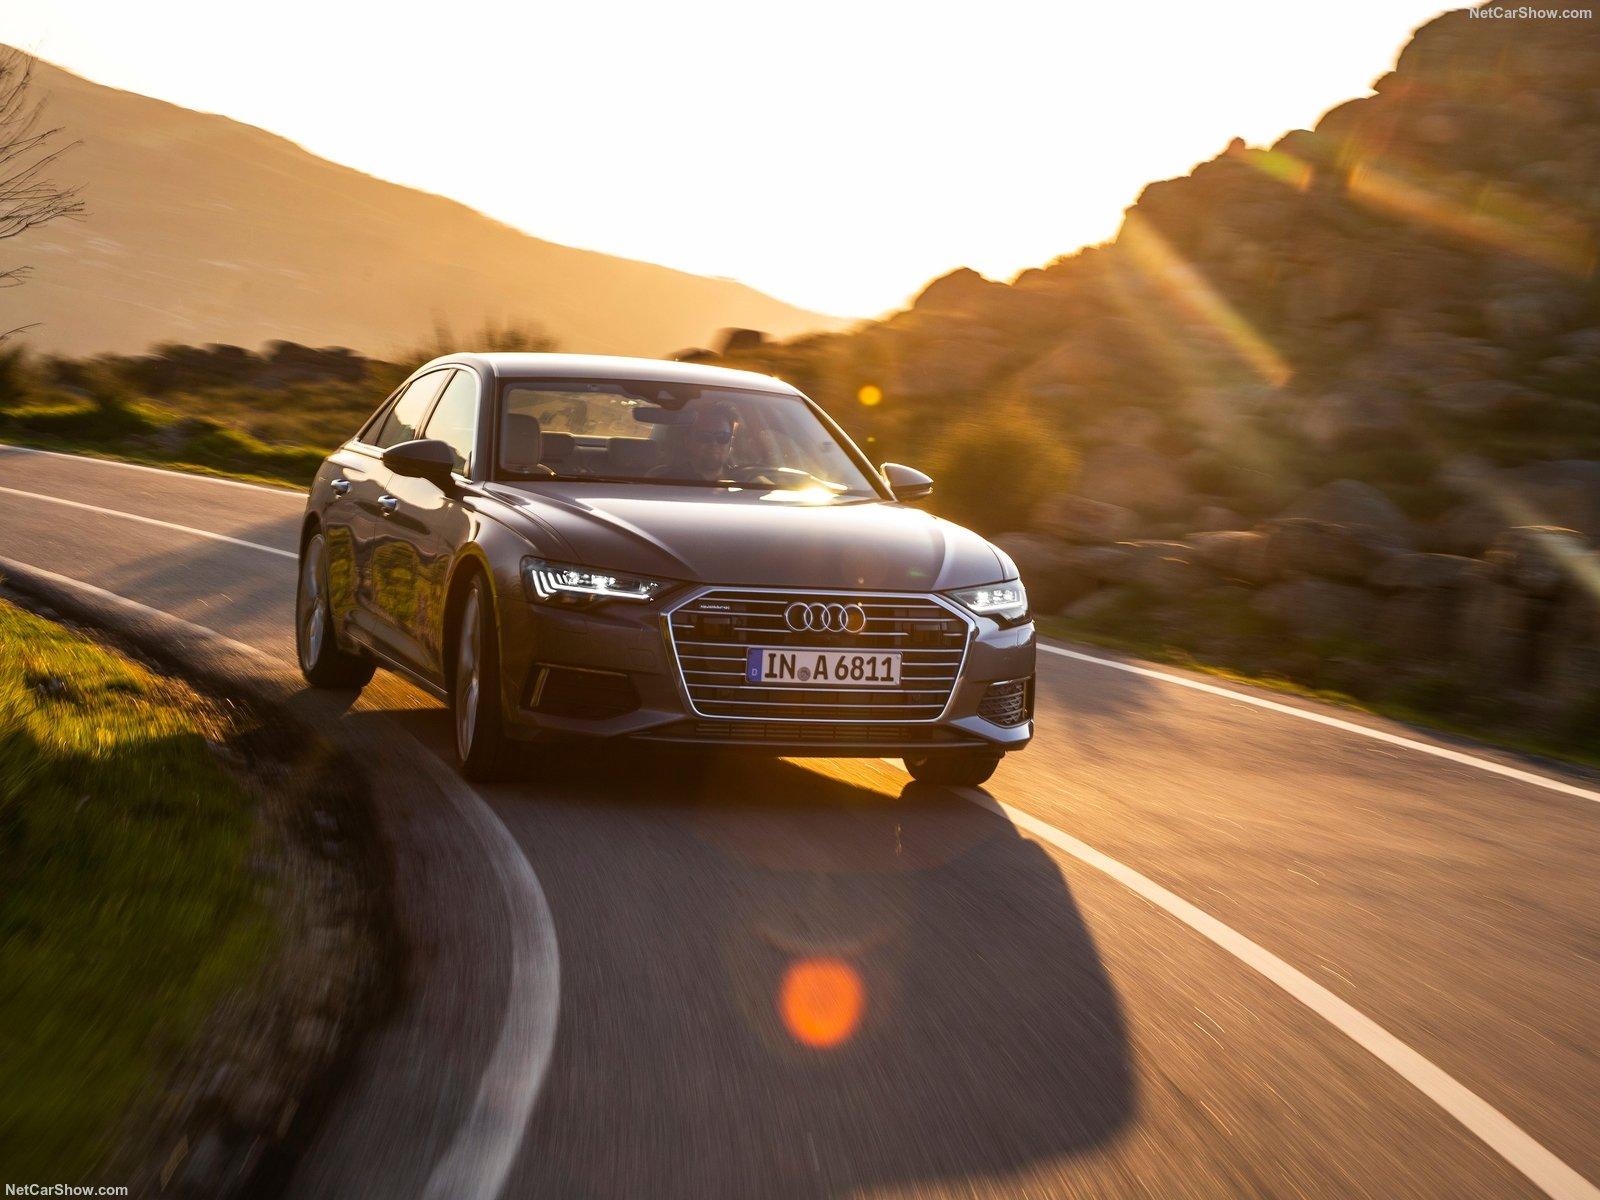 Audi A6 2020: новый бизнес-седан с мощными моторами, богатыми комплектациями и современным комплексом безопасности